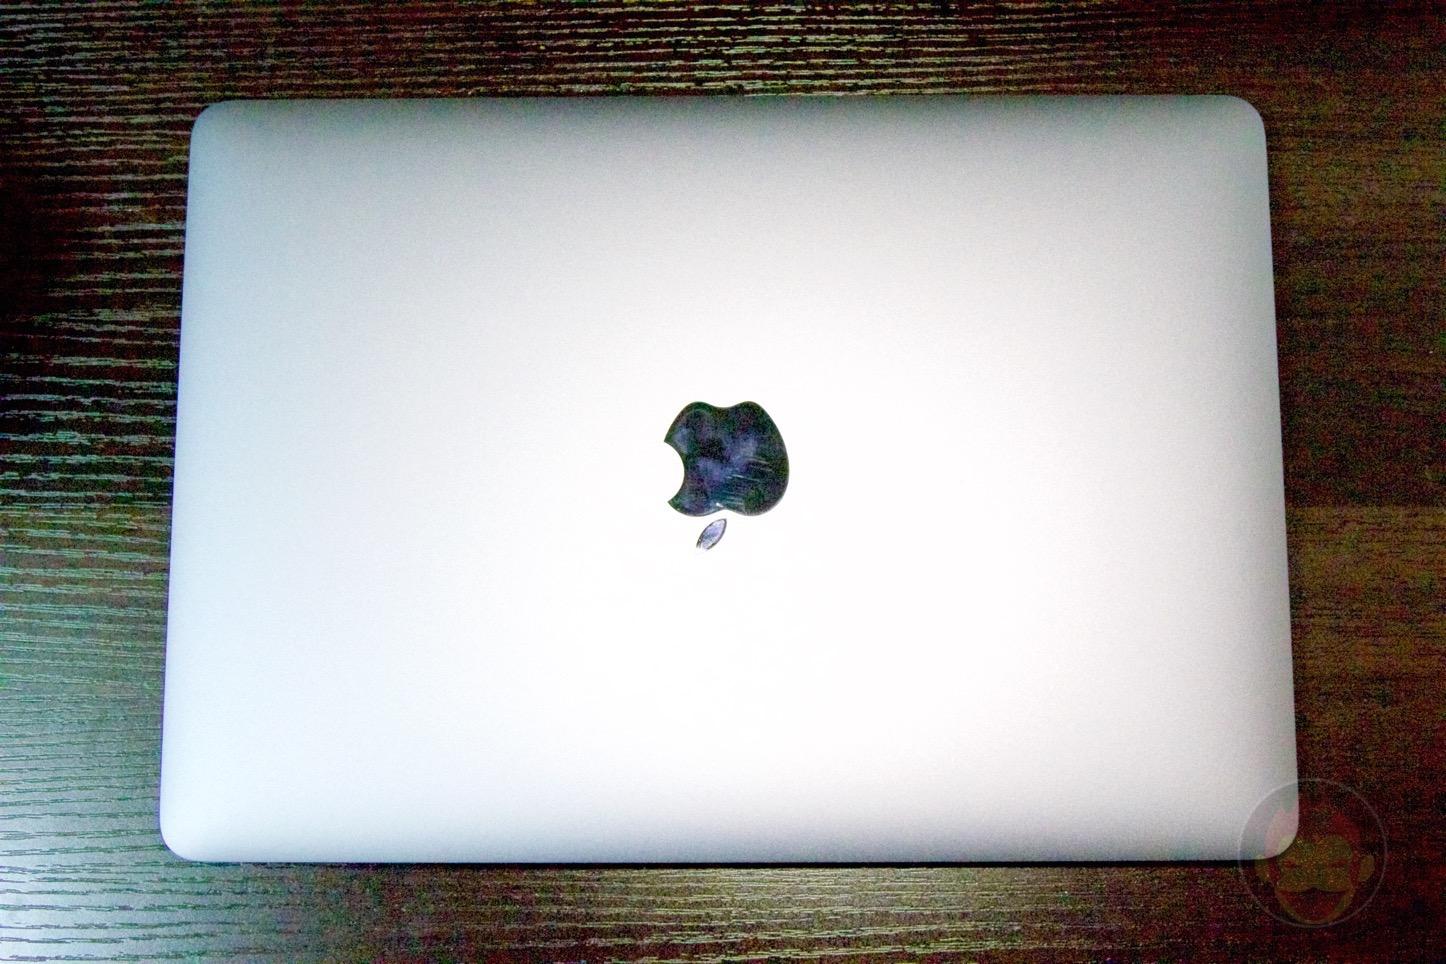 Wraplus-Skin-Sticker-3M-02.jpg